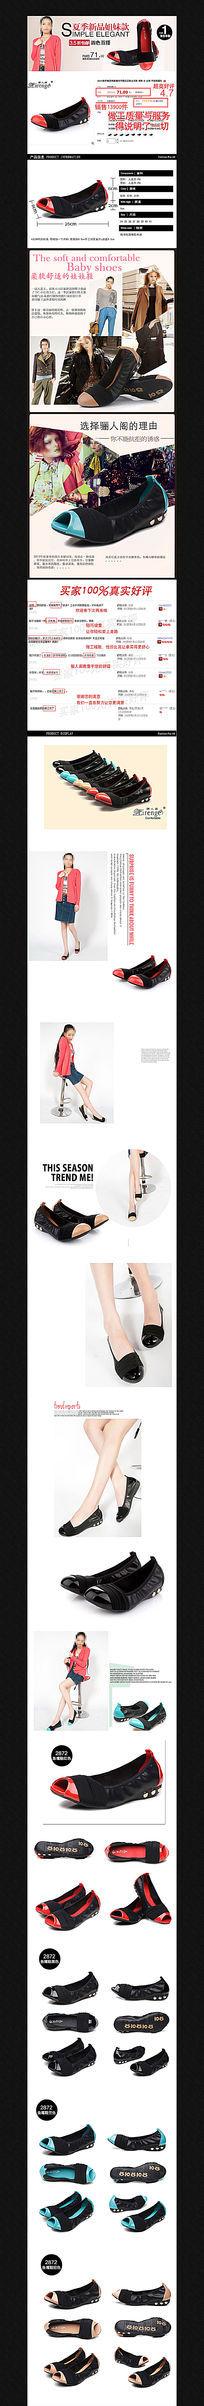 淘宝女鞋瓢鞋宝贝描述模板